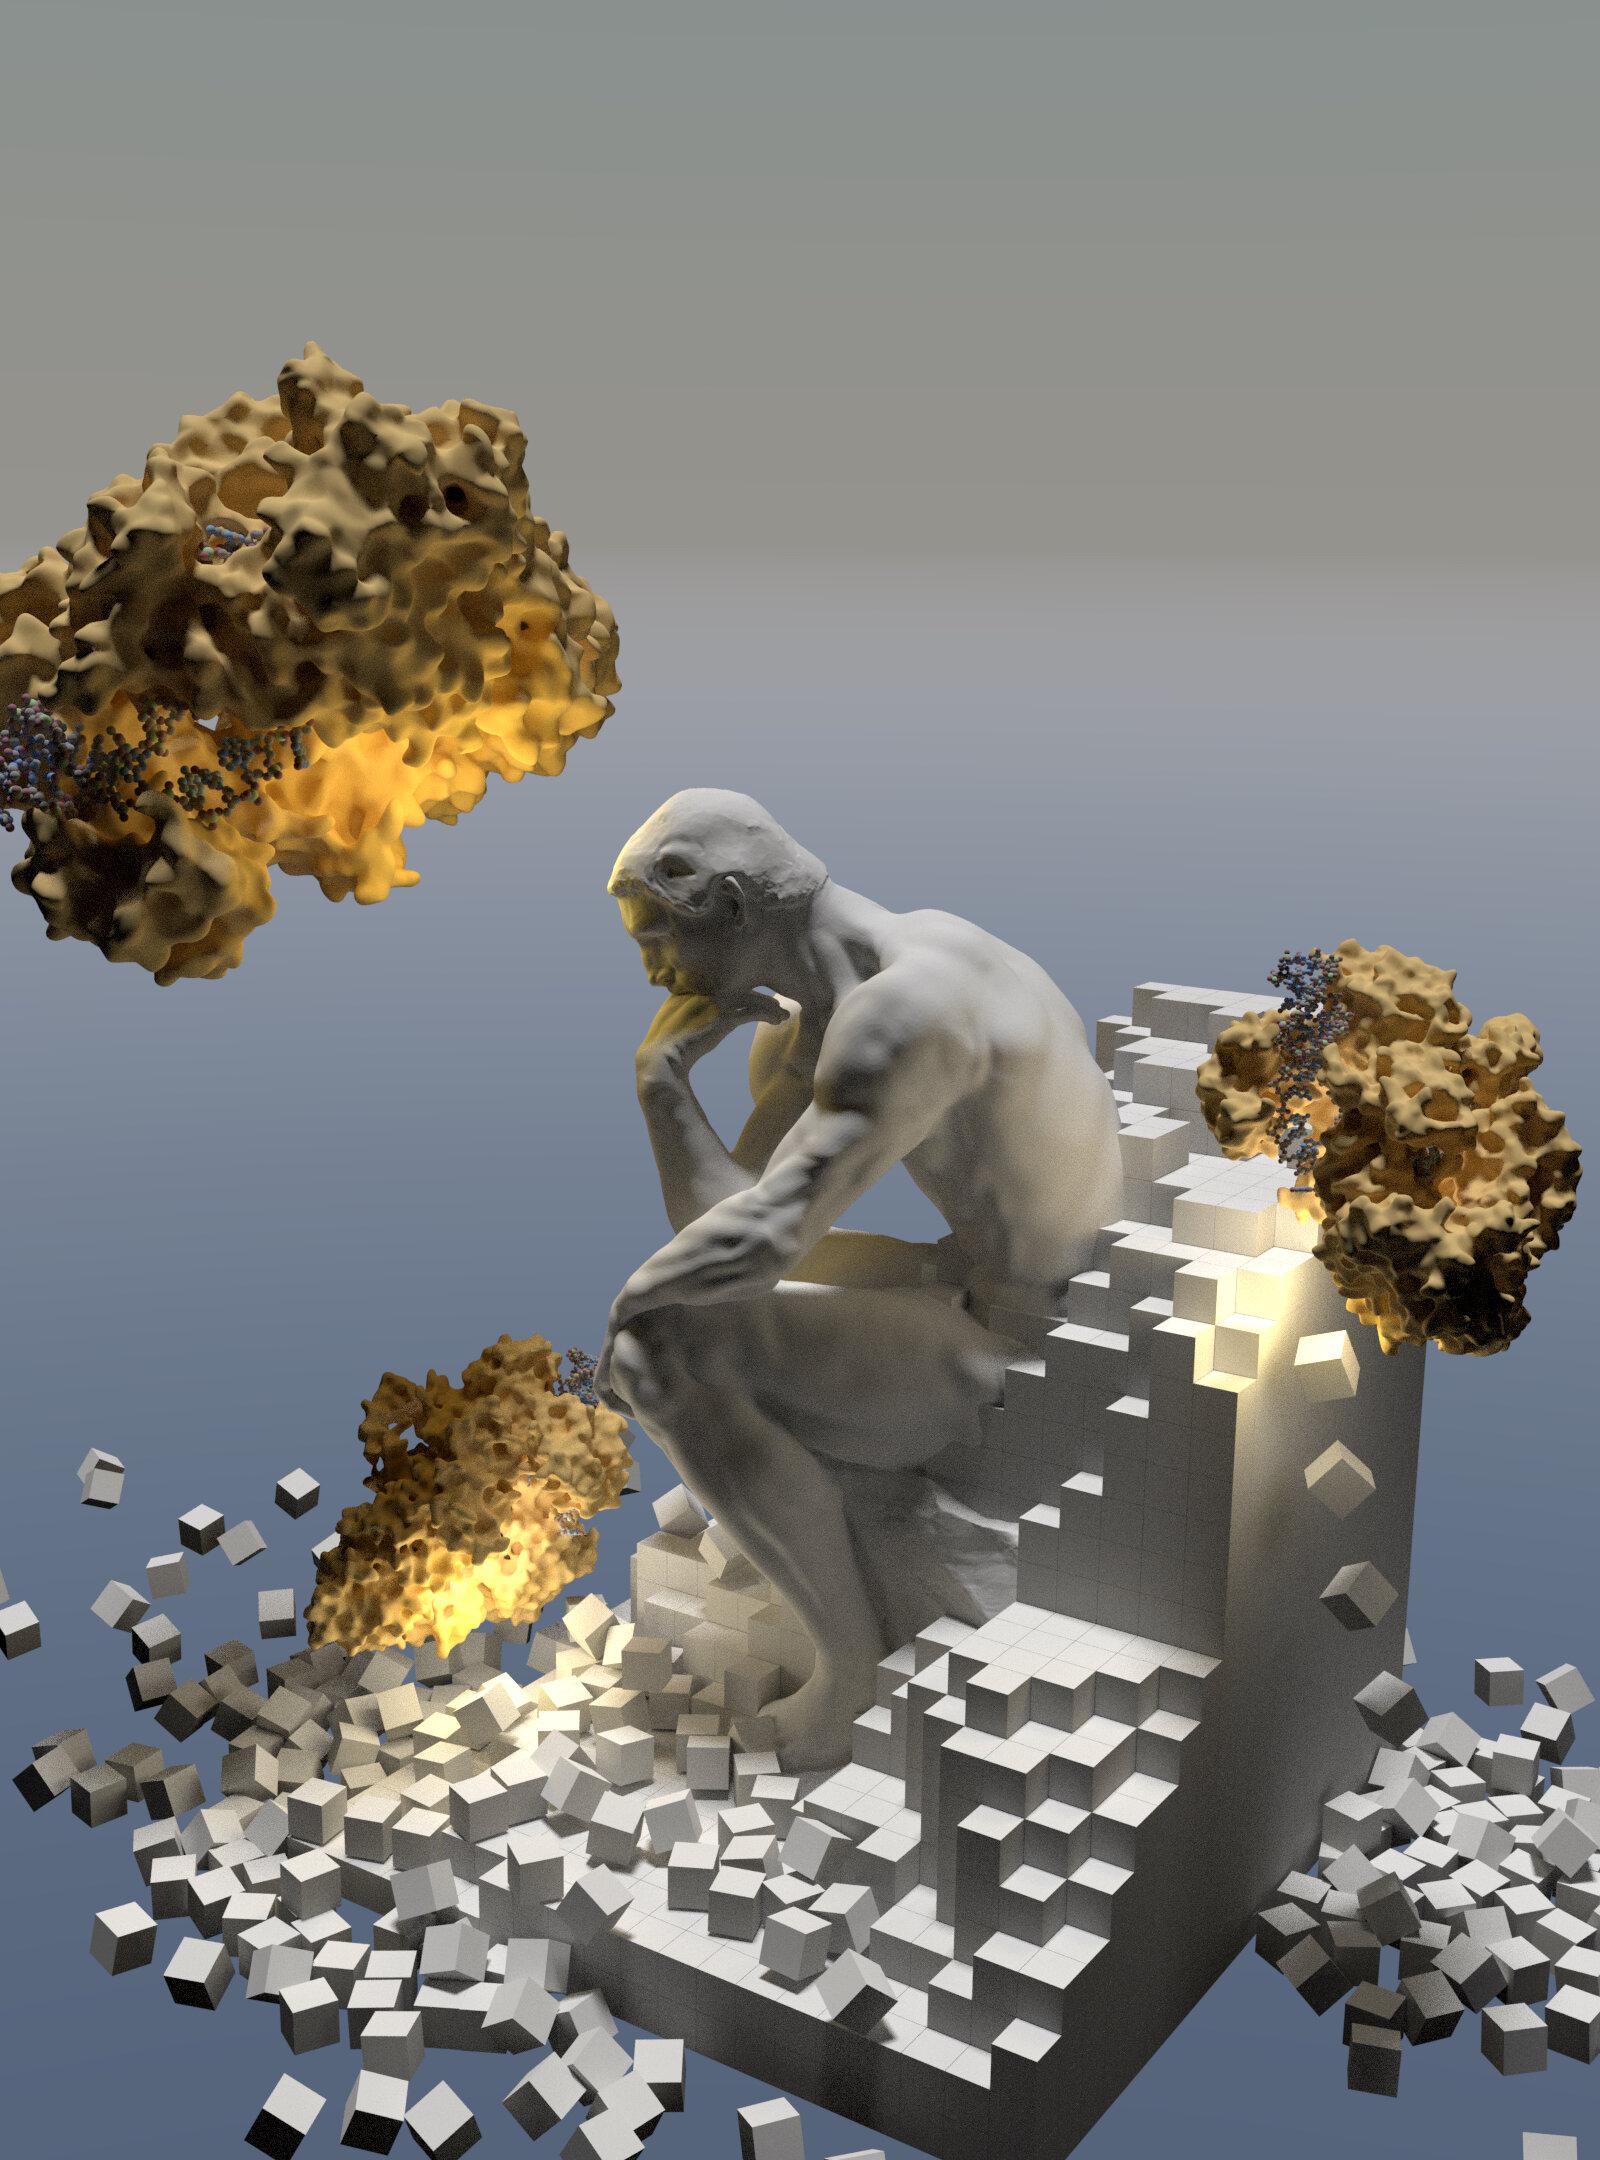 Иллюстрация: биоматериалы «умнеют» под действием CRISPR.